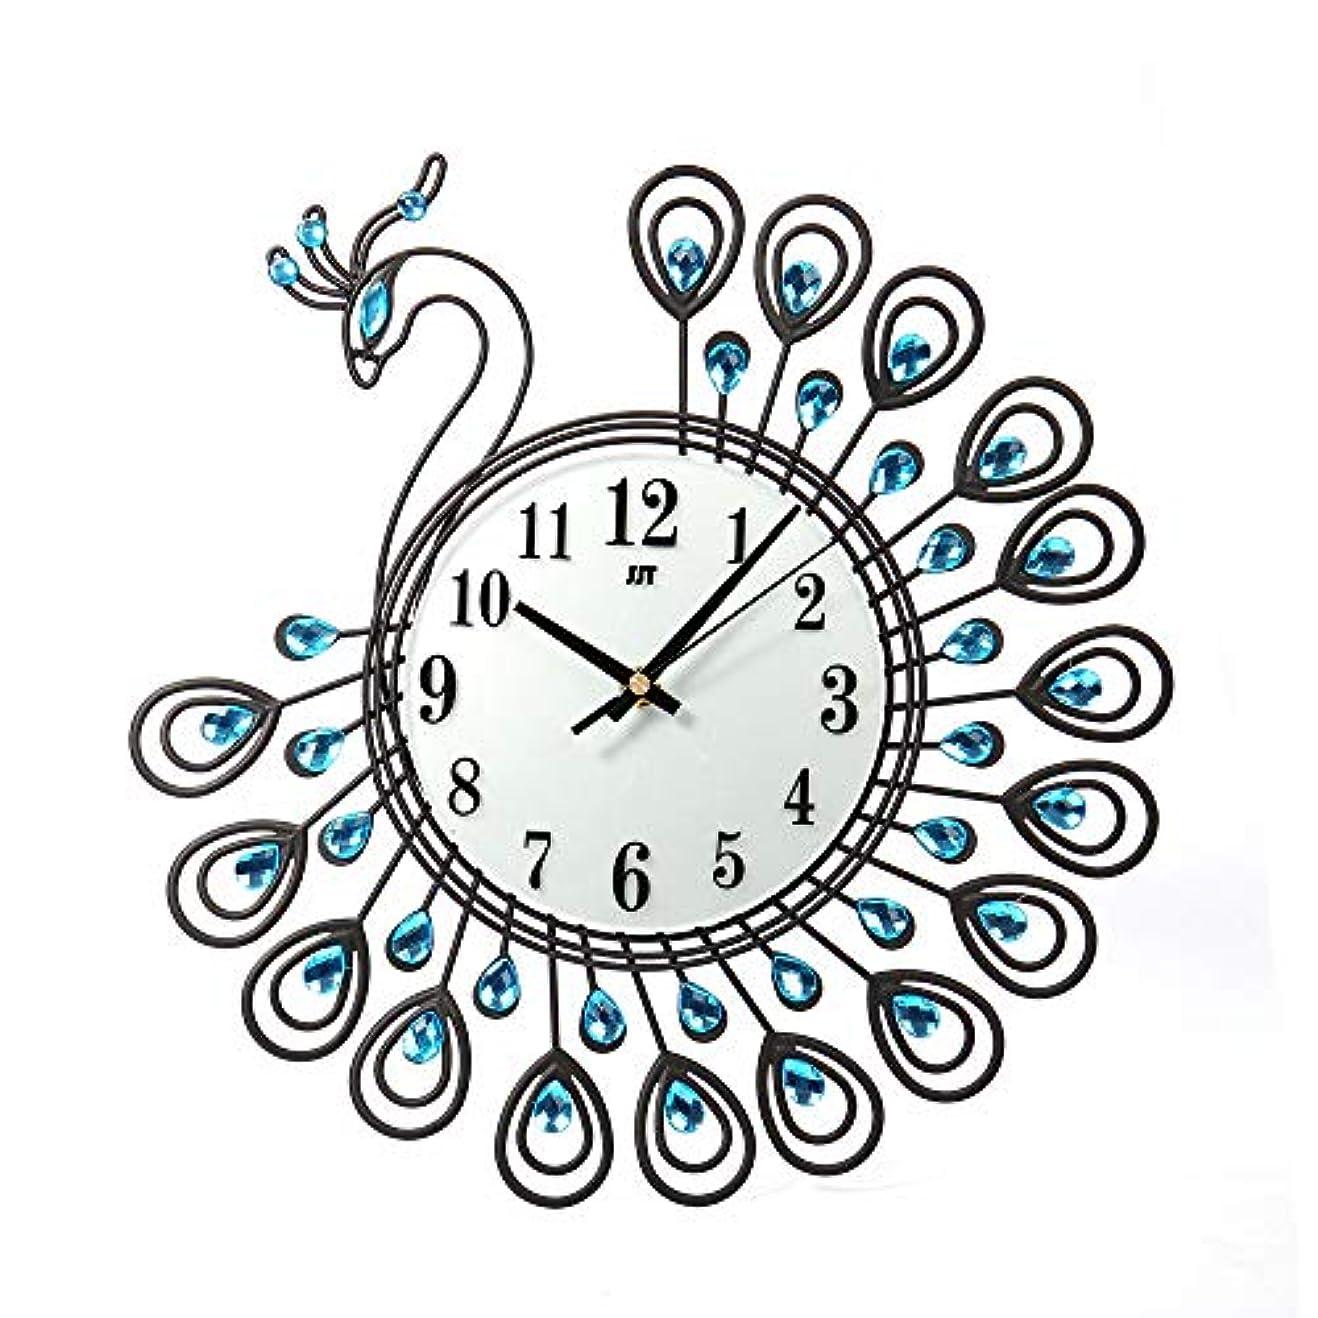 オレンジ不道徳地上のルームオフィスのための壁時計の金属のラインストーンの家の装飾の孔雀の時計 (ブラック)